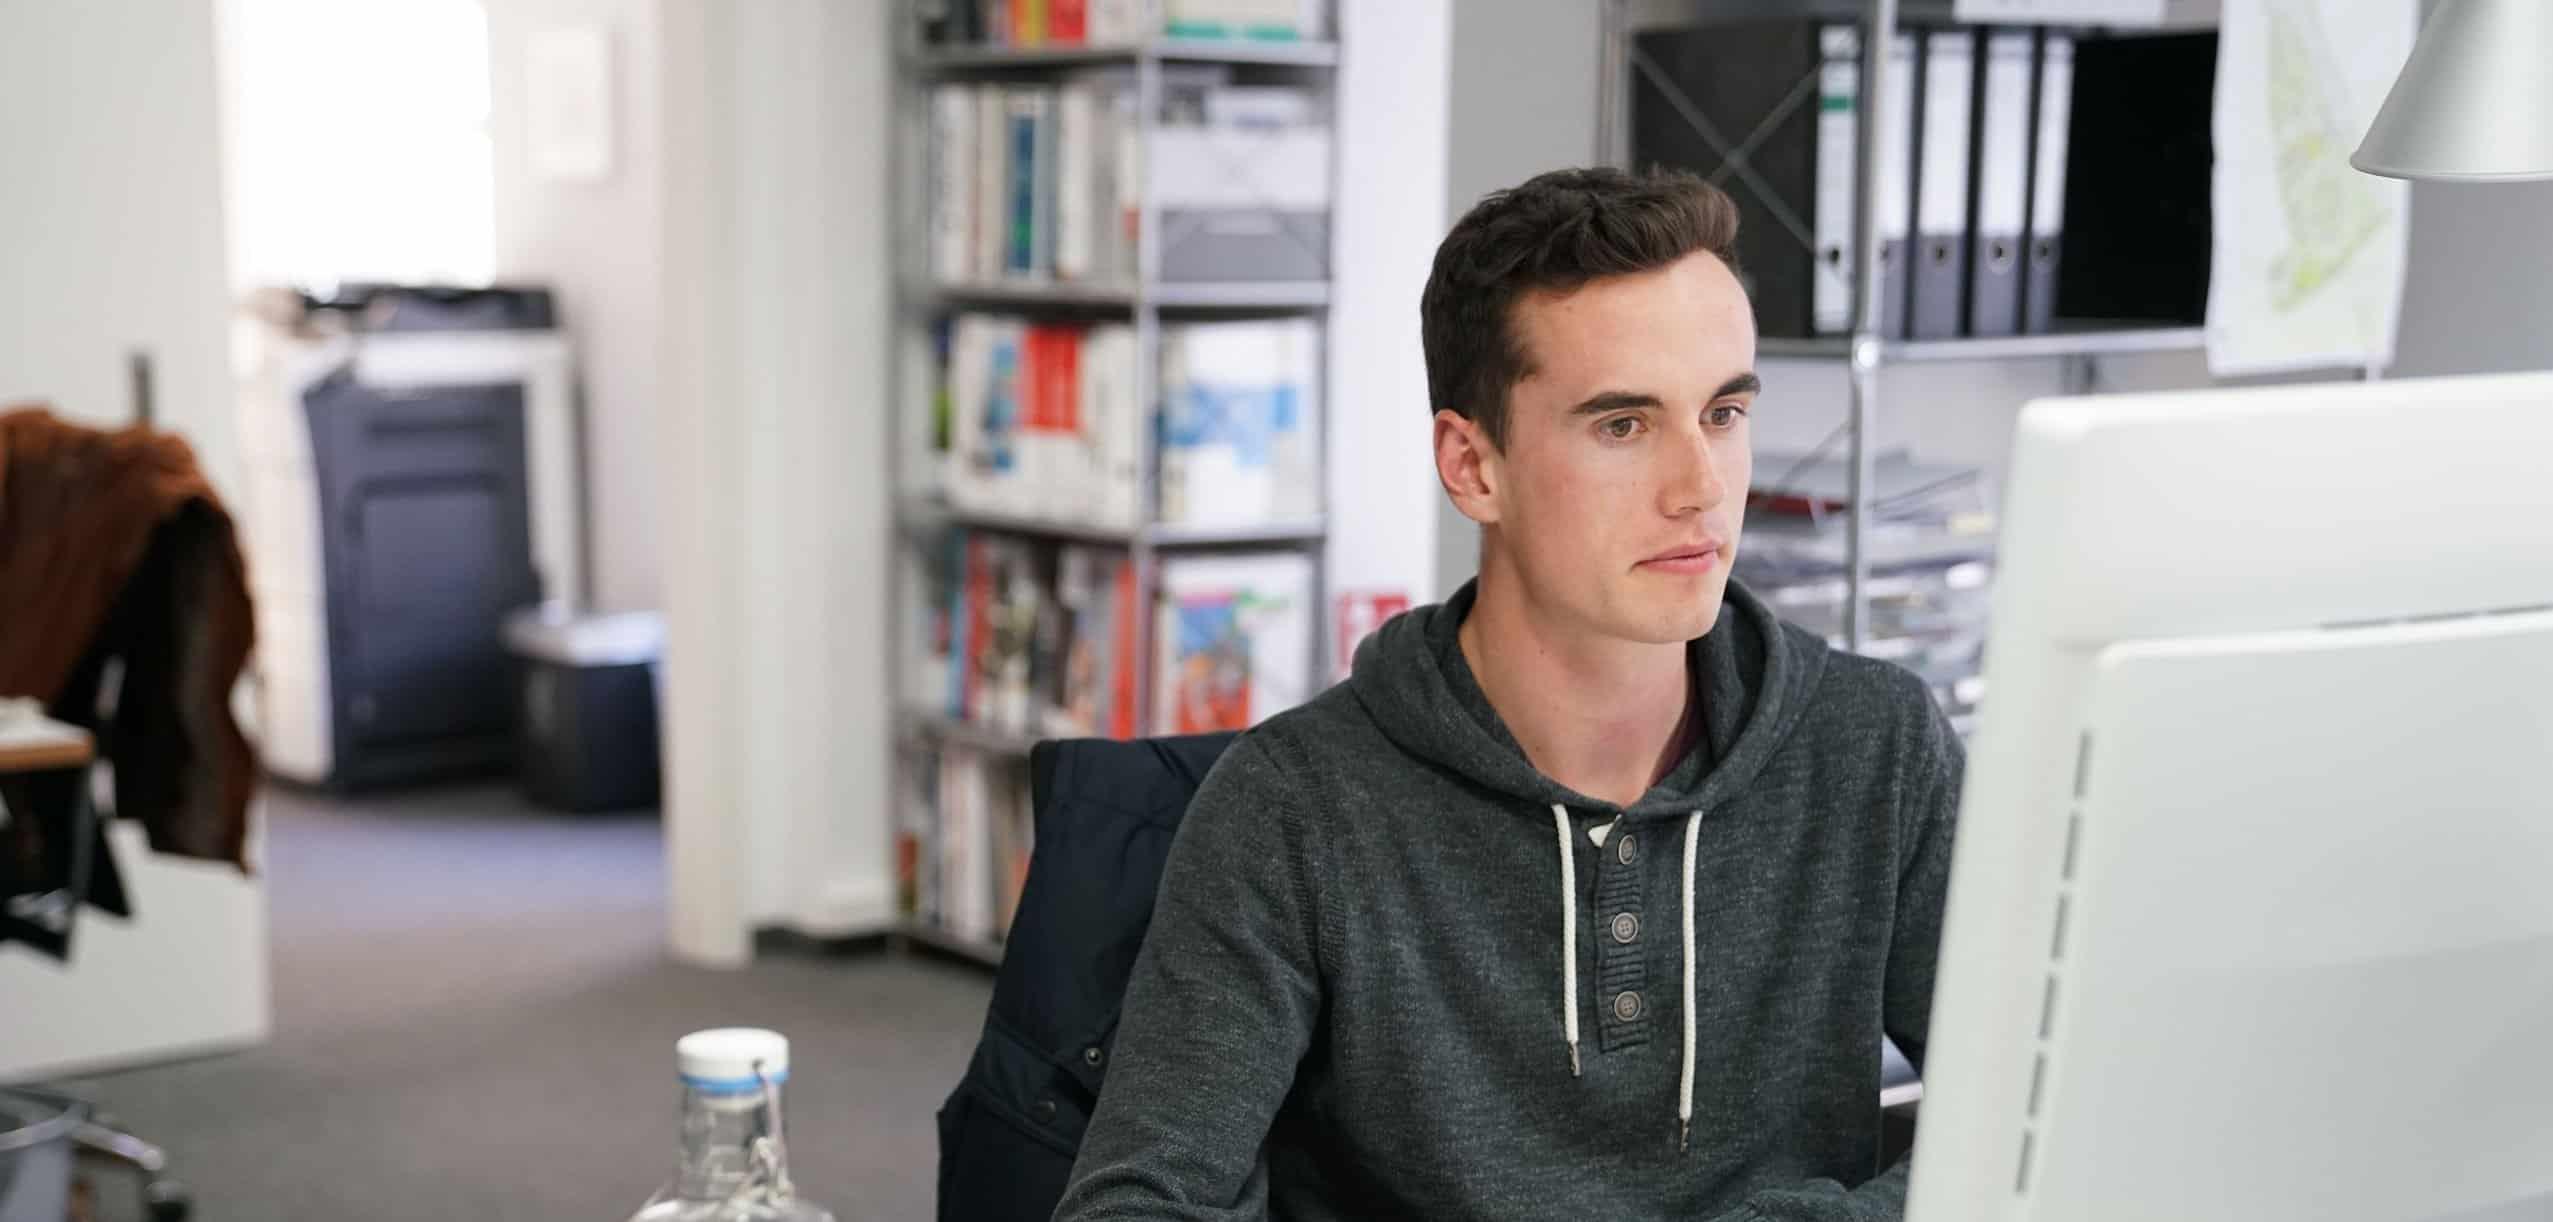 Bild: Unser neuer Praktikant Matthias Richter an seinem Arbeitsplatz